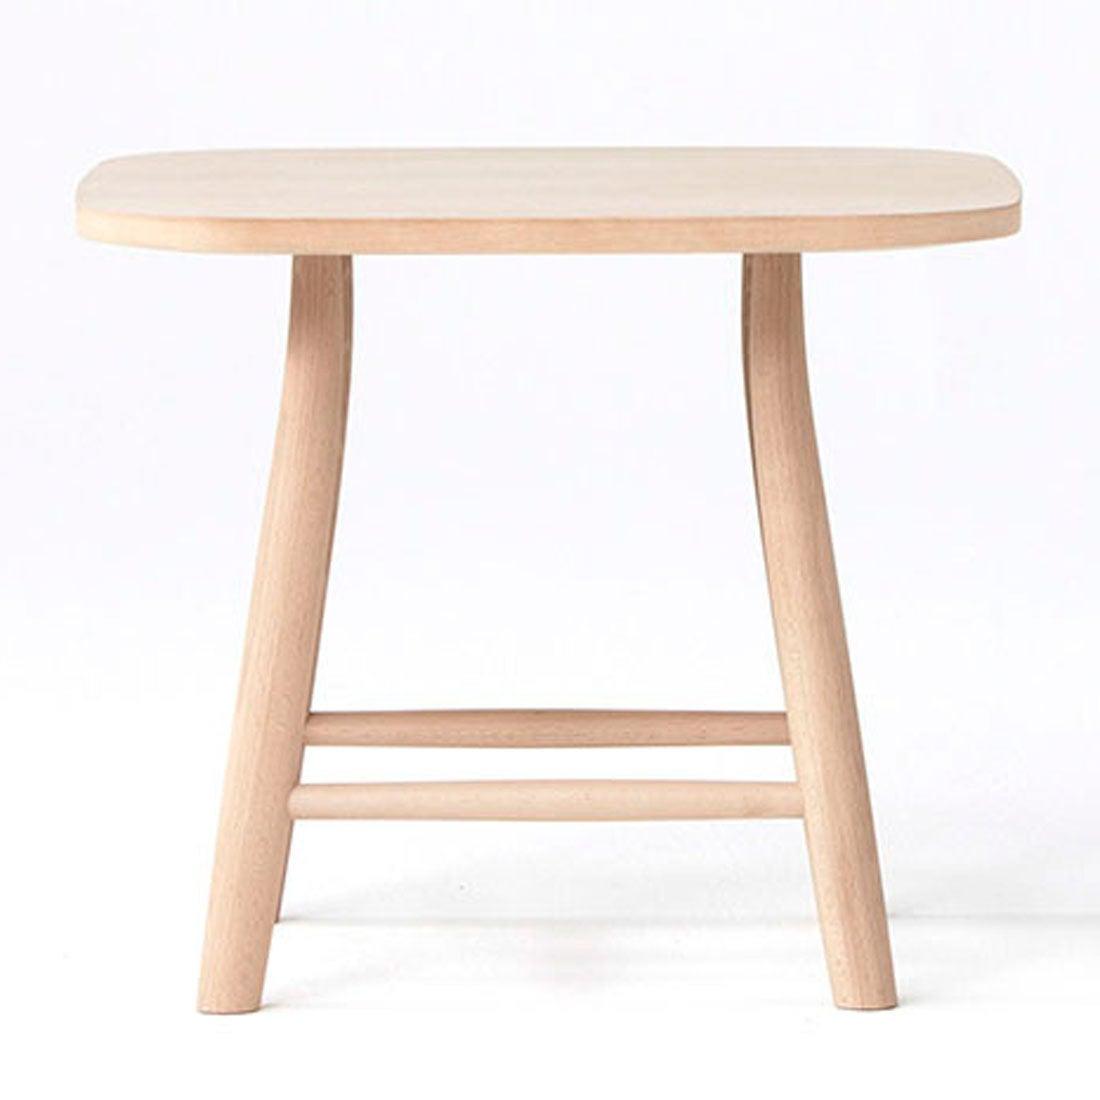 IDC OTSUKA/大塚家具 ローテーブル(小) 209EB 白木塗装 (ホワイトオーク)